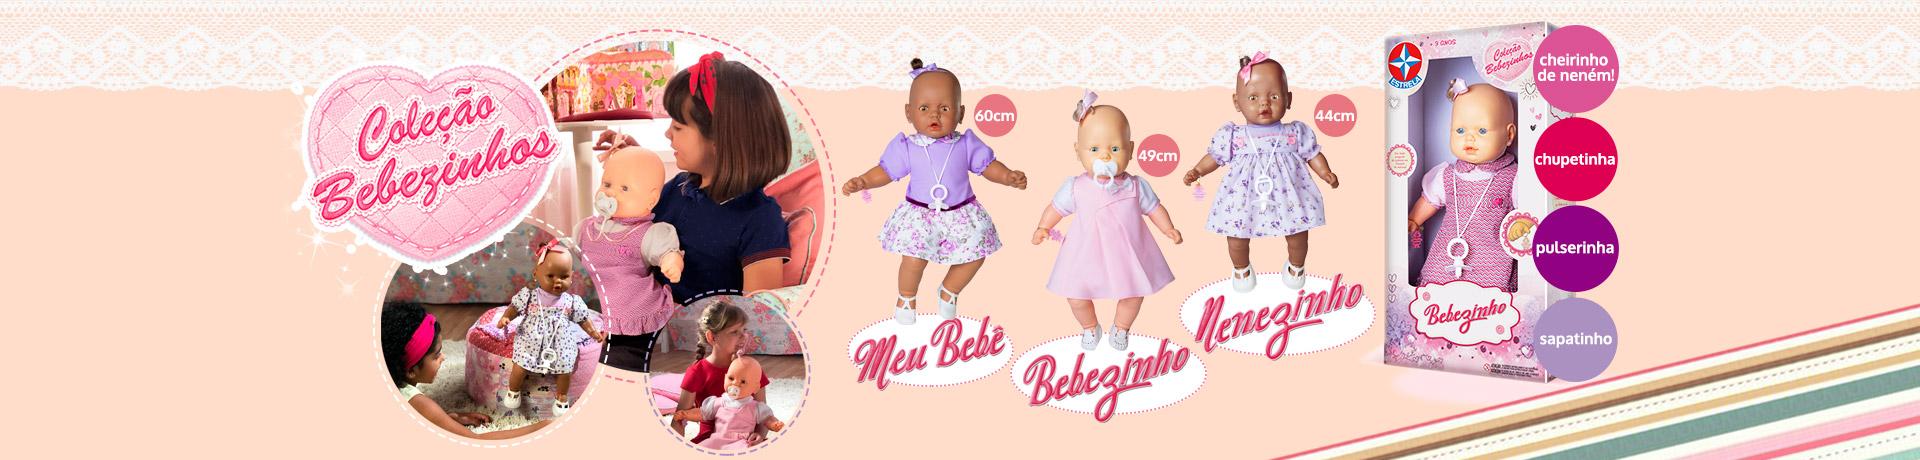 Coleção Bebezinhos